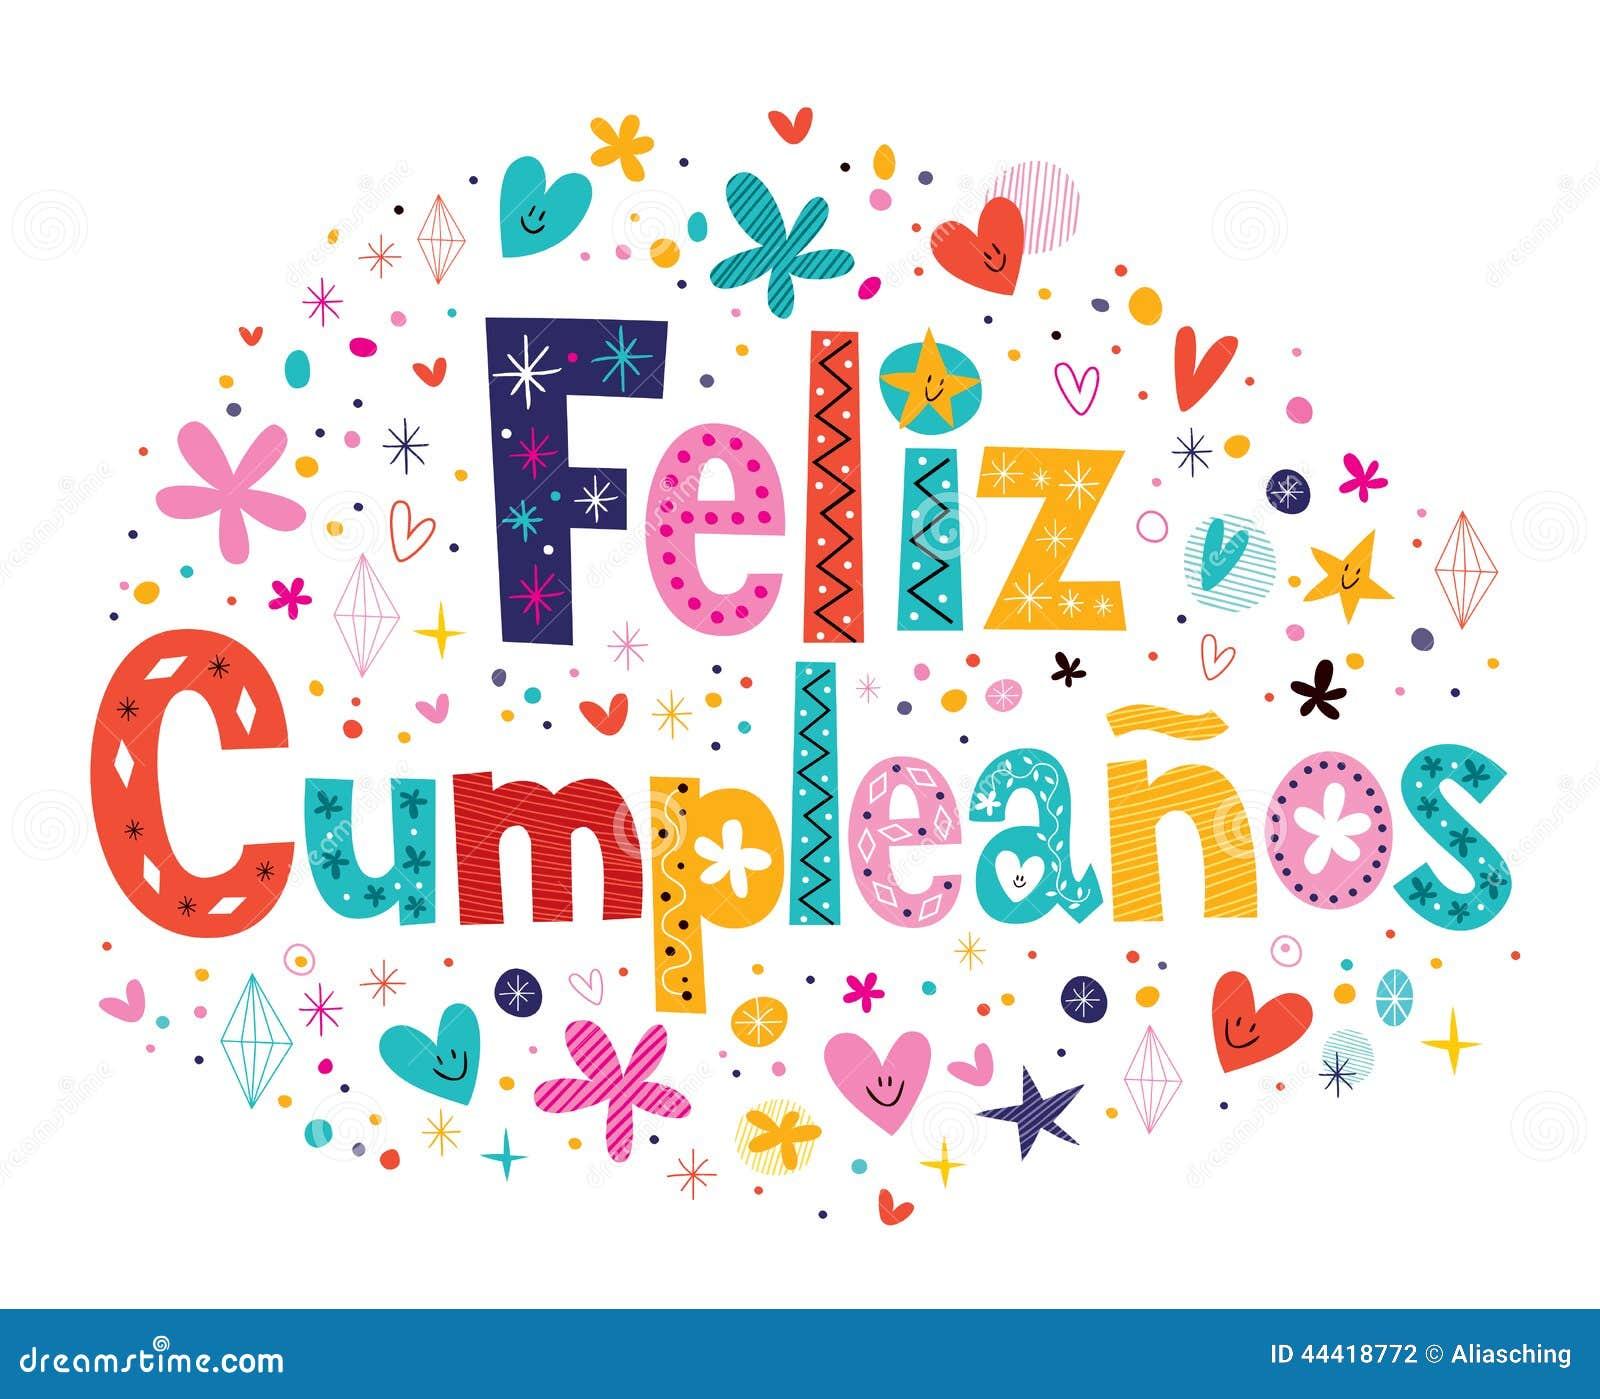 Zum Geburtstag In Spanisch Alles Lustige Wunsche Zum Geburtstag